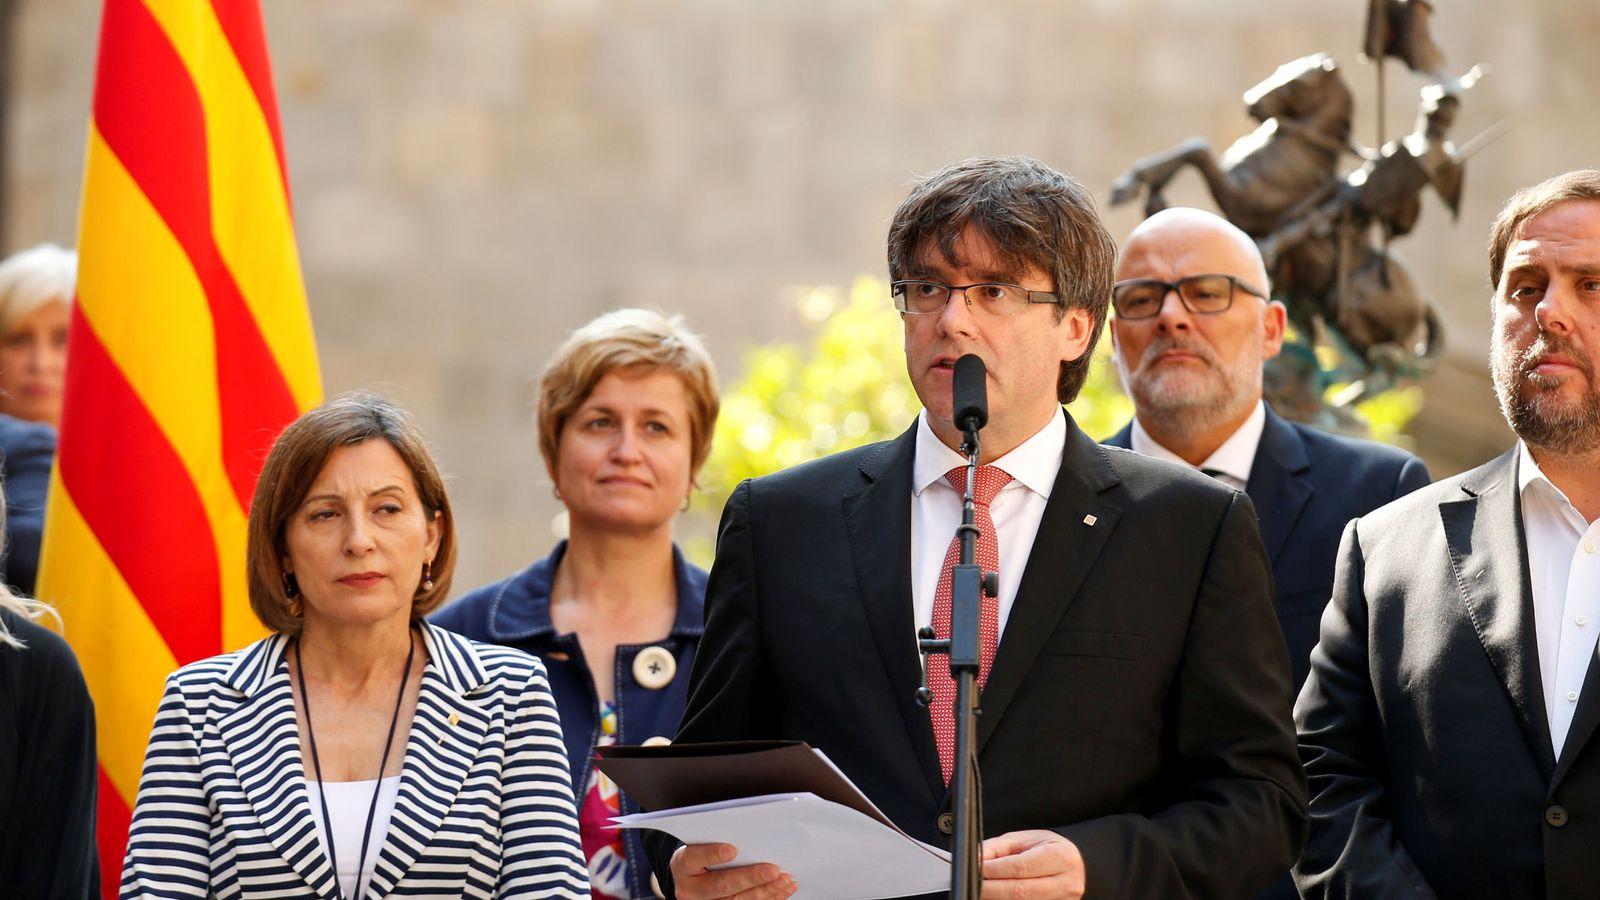 Banco Sabadell y Caixa Cataluña apoyan el proceso independentista.